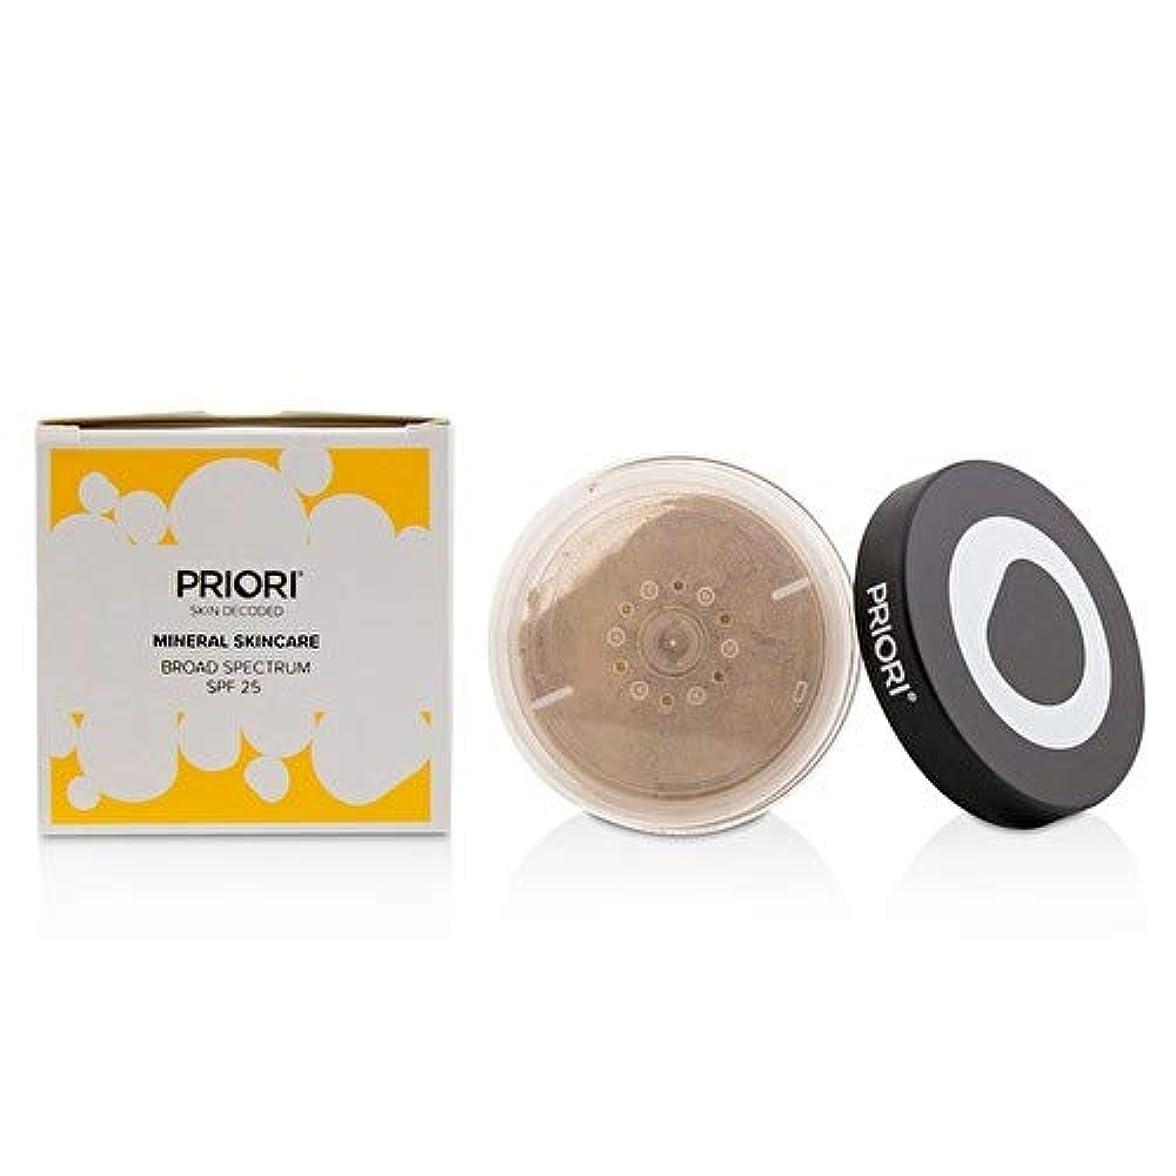 植生測定人里離れたプリオリ Mineral Skincare Broad Spectrum SPF25 - # Shade 3 (Fx353) 6.5g/0.23oz並行輸入品